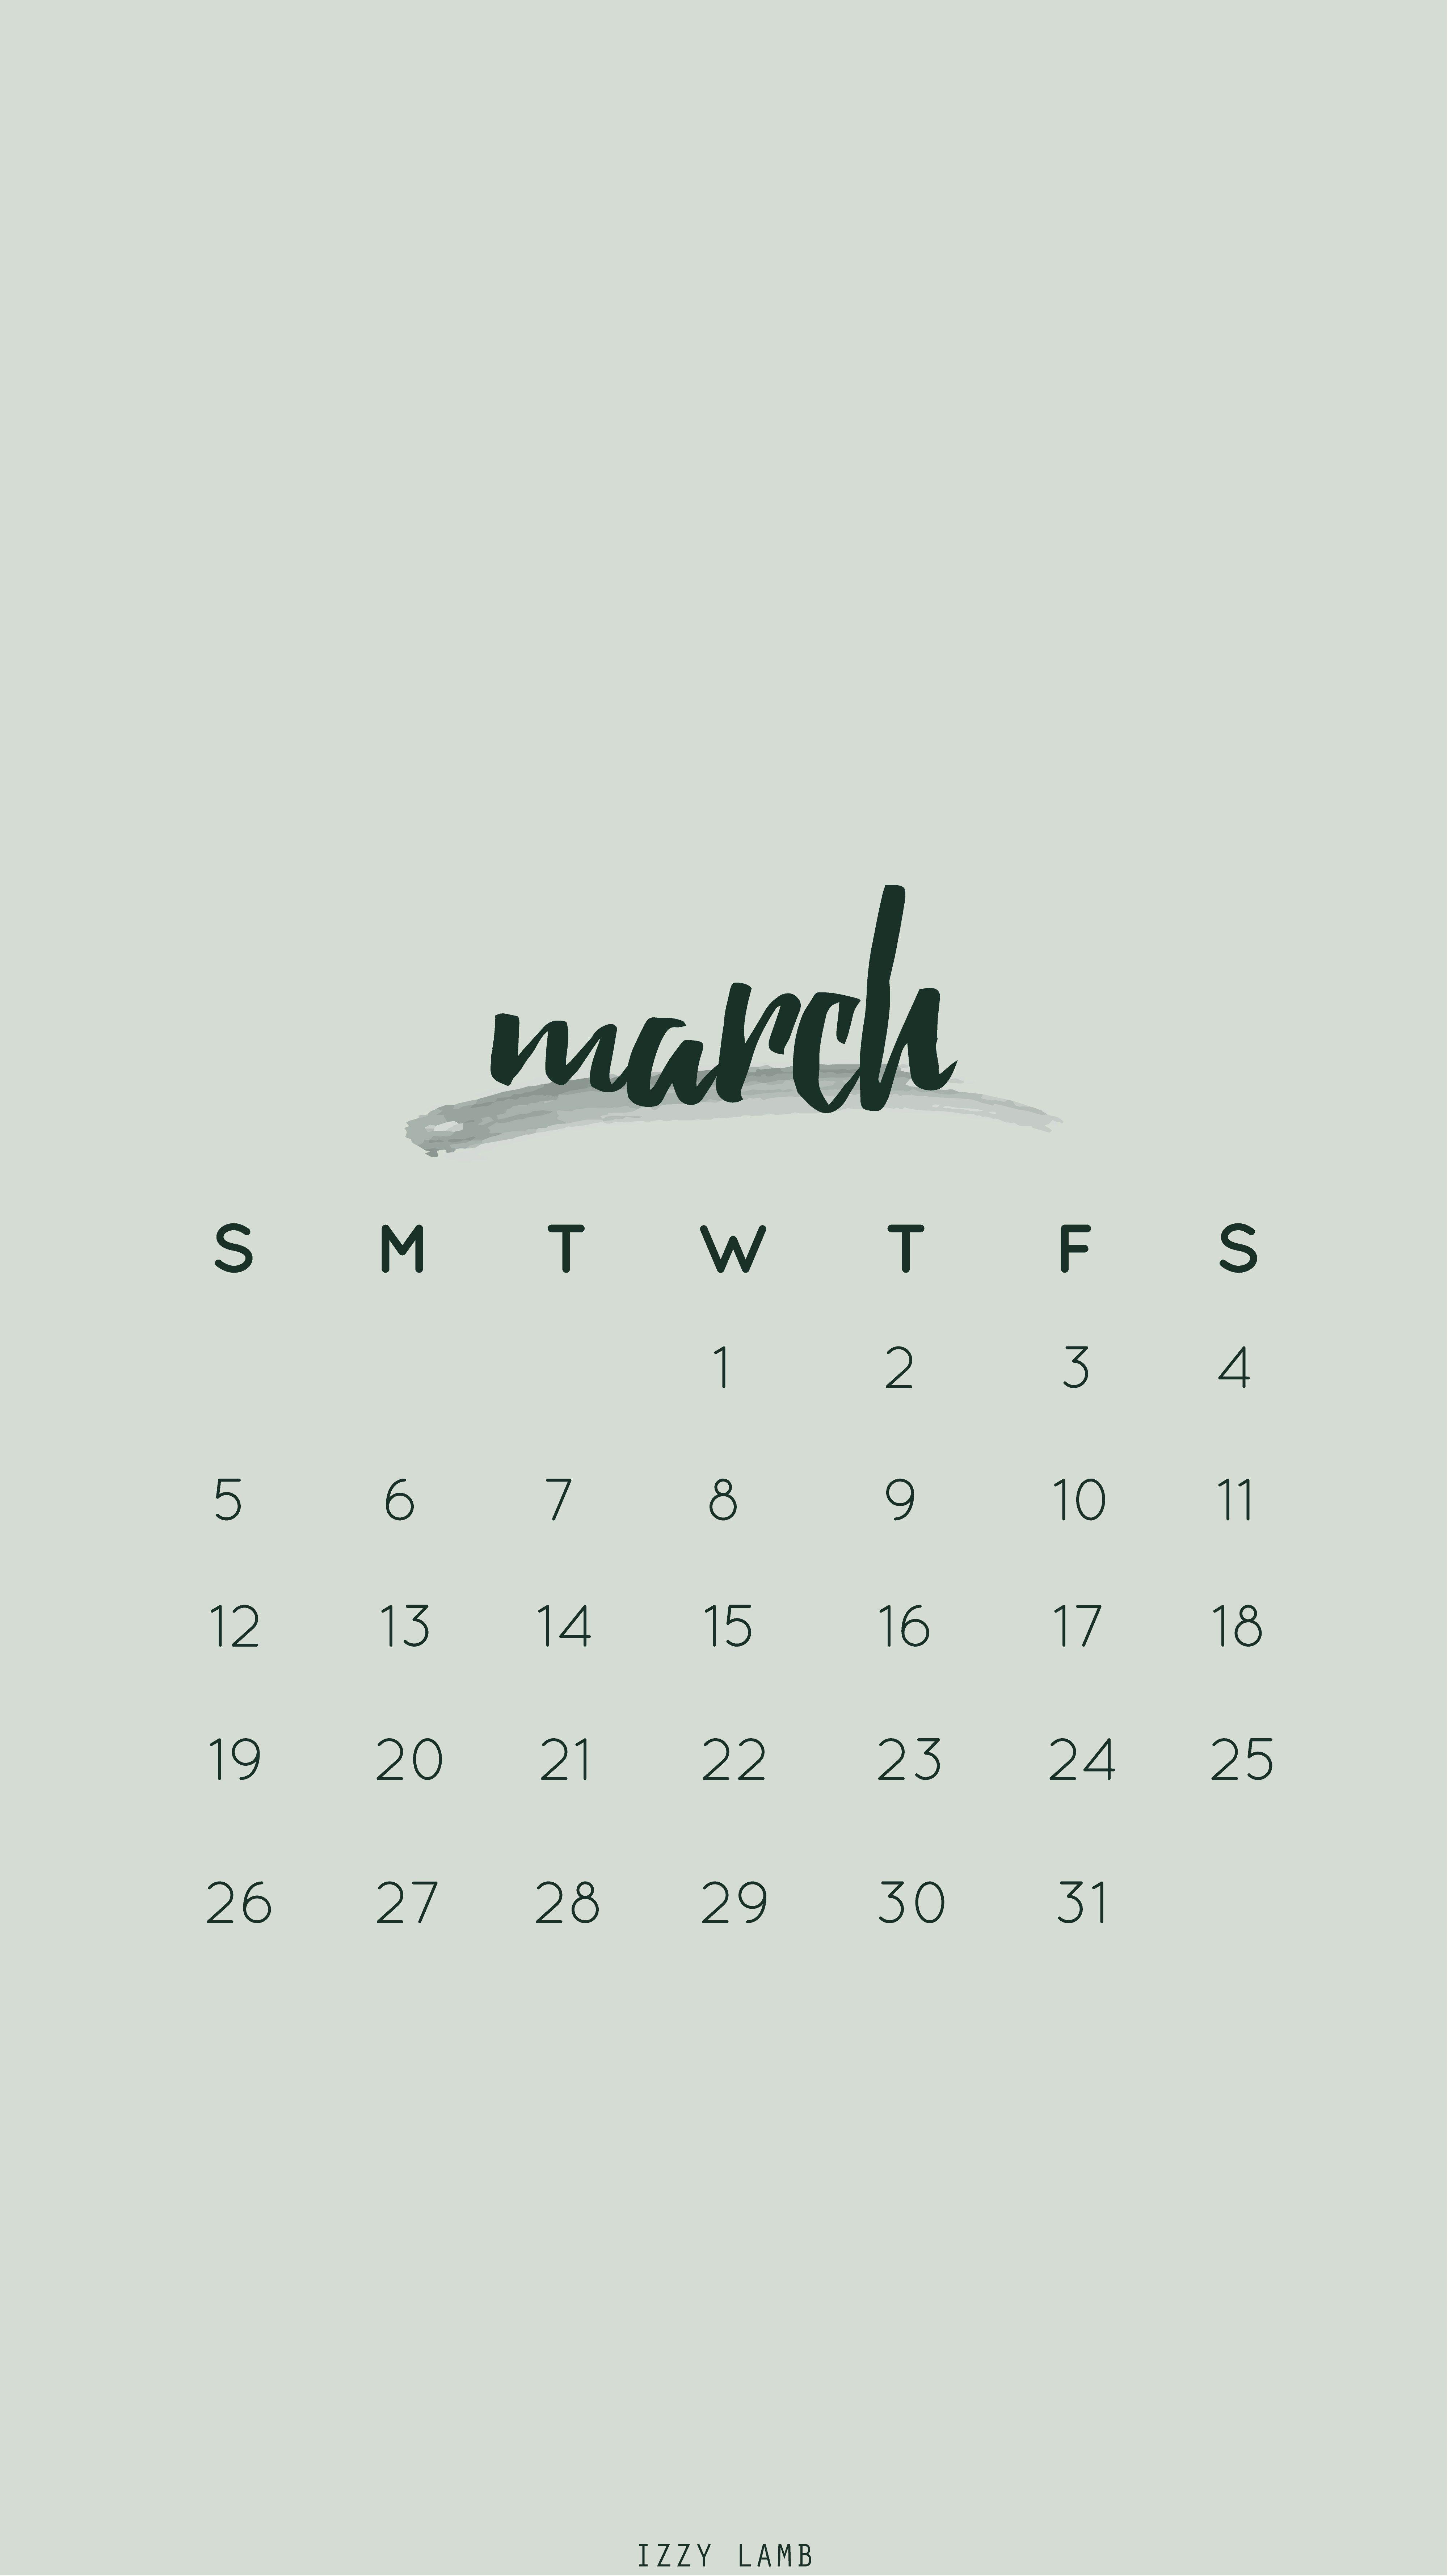 March calendar wallpaper iphone wallpaper